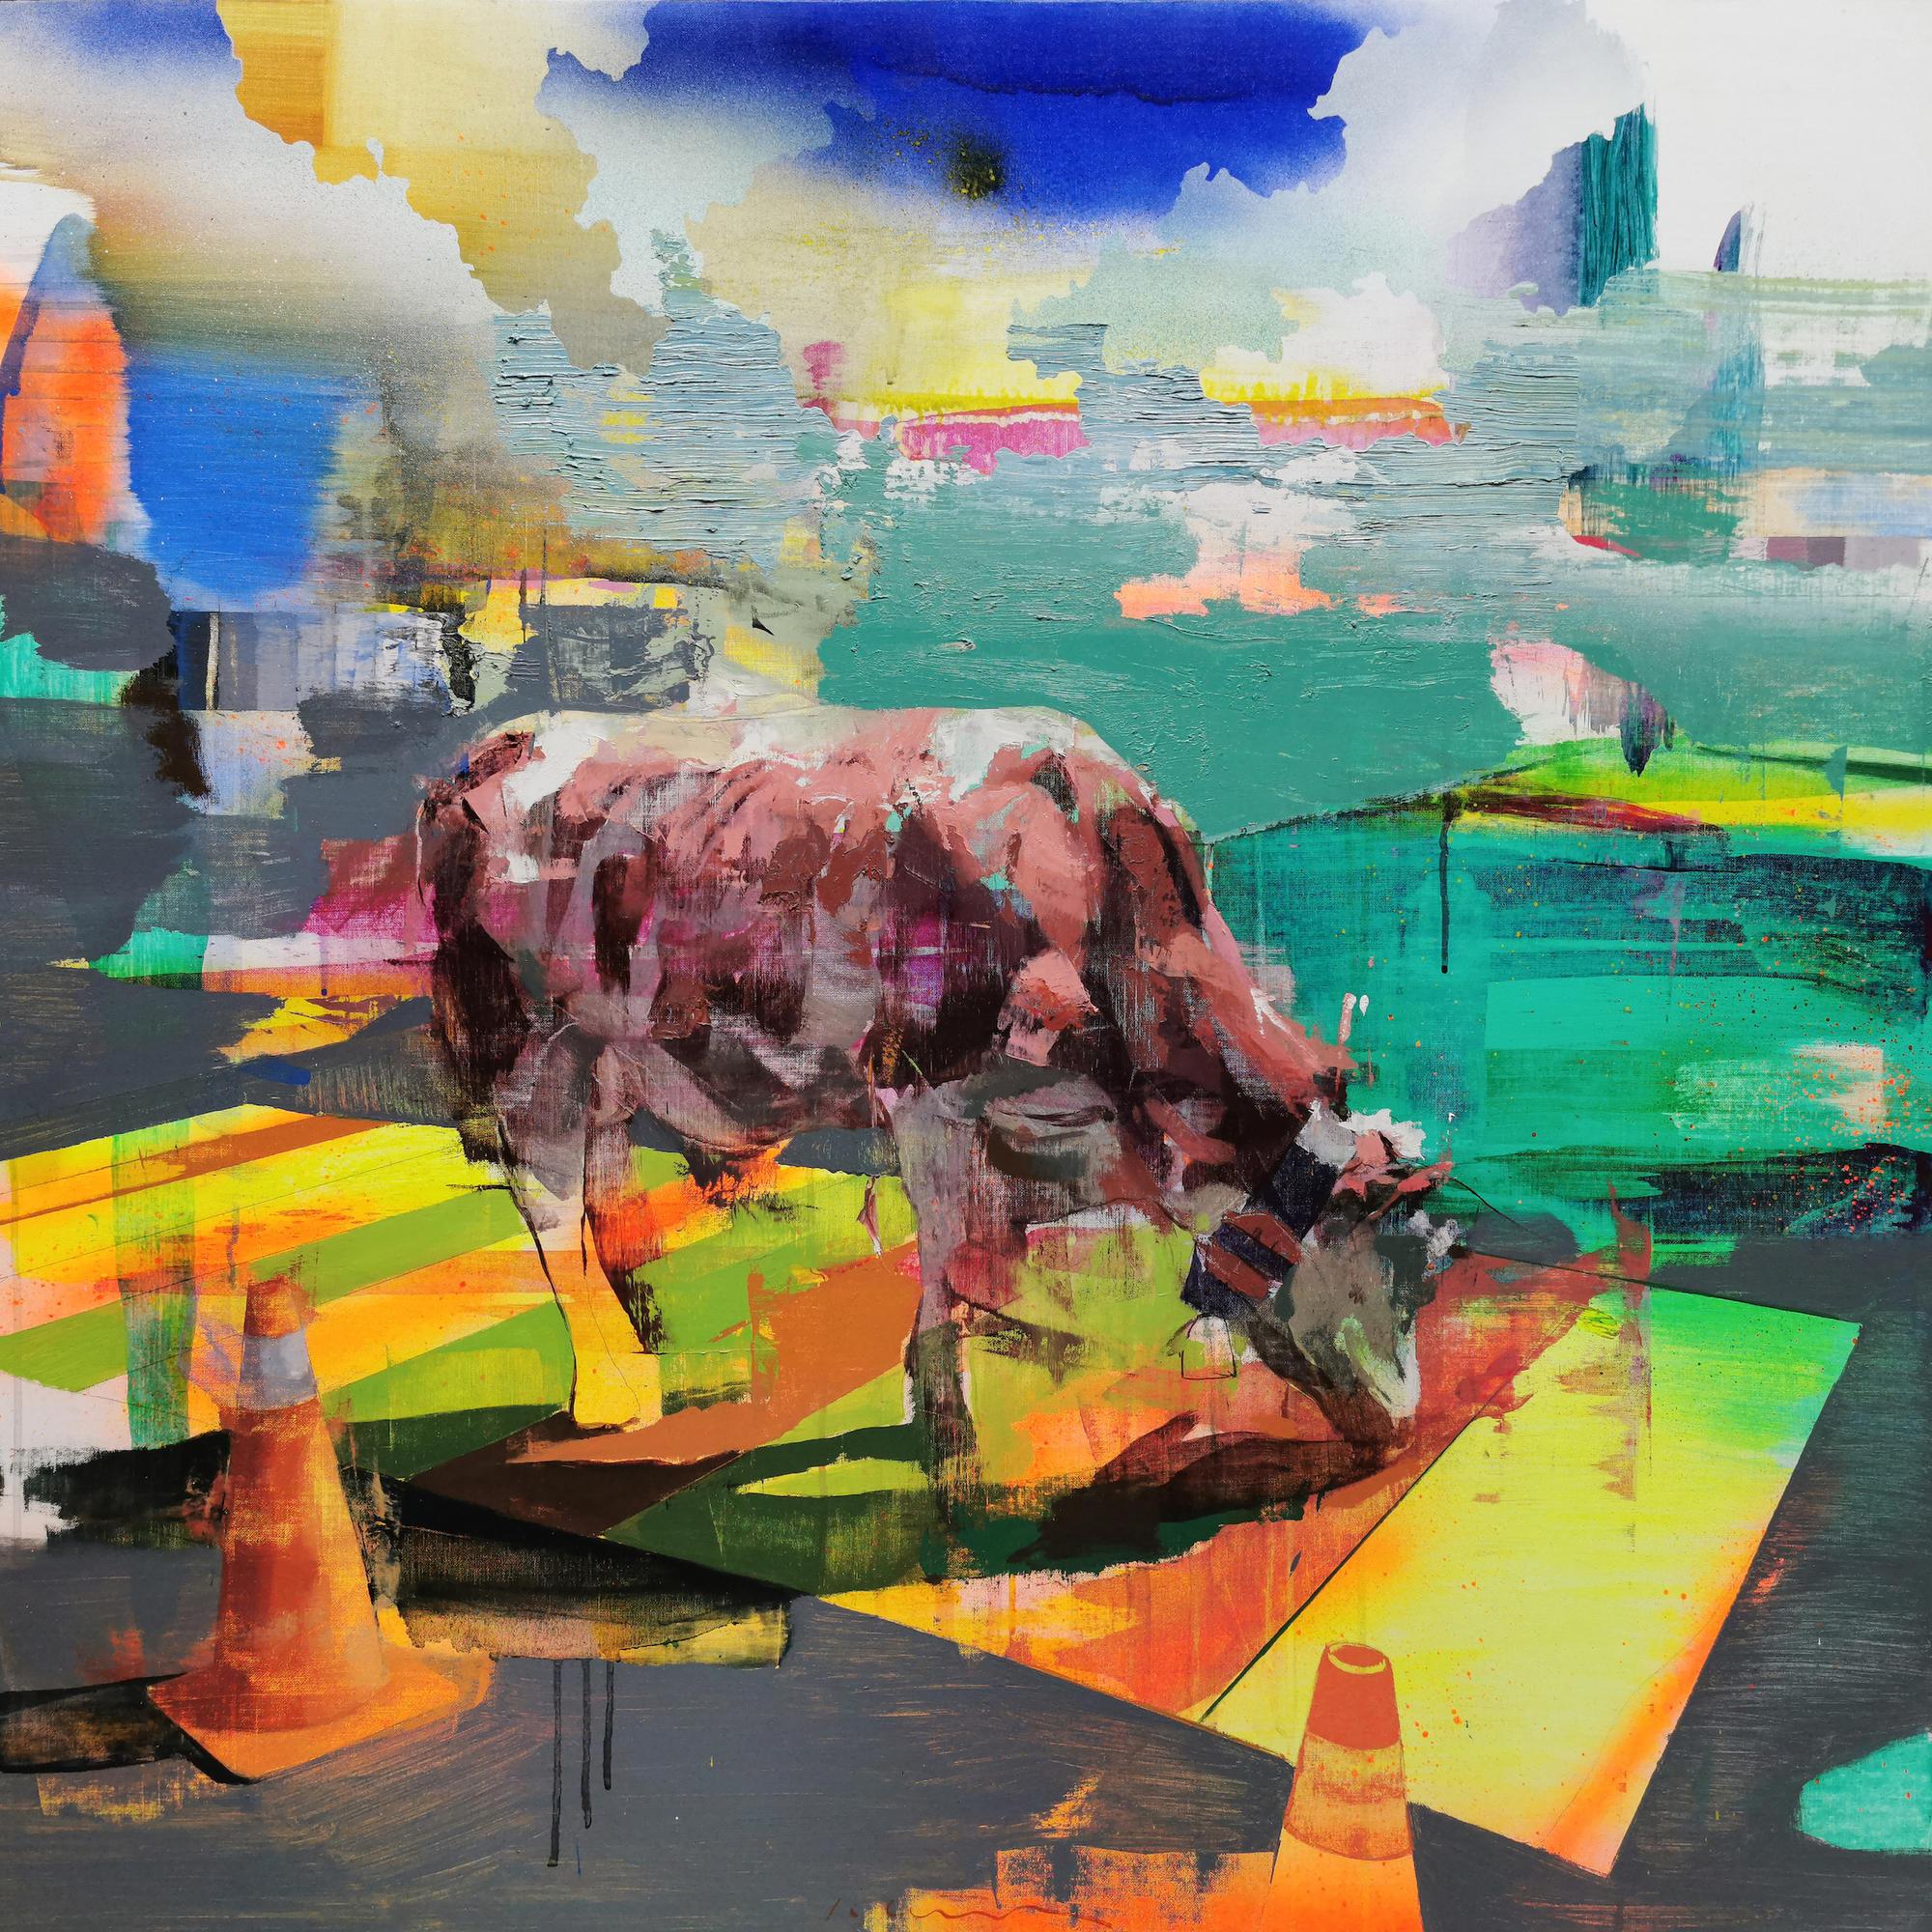 """Jose Luis Cena Ruiz - Urban Fold III - Oil on Linen - 39"""" x 39"""""""